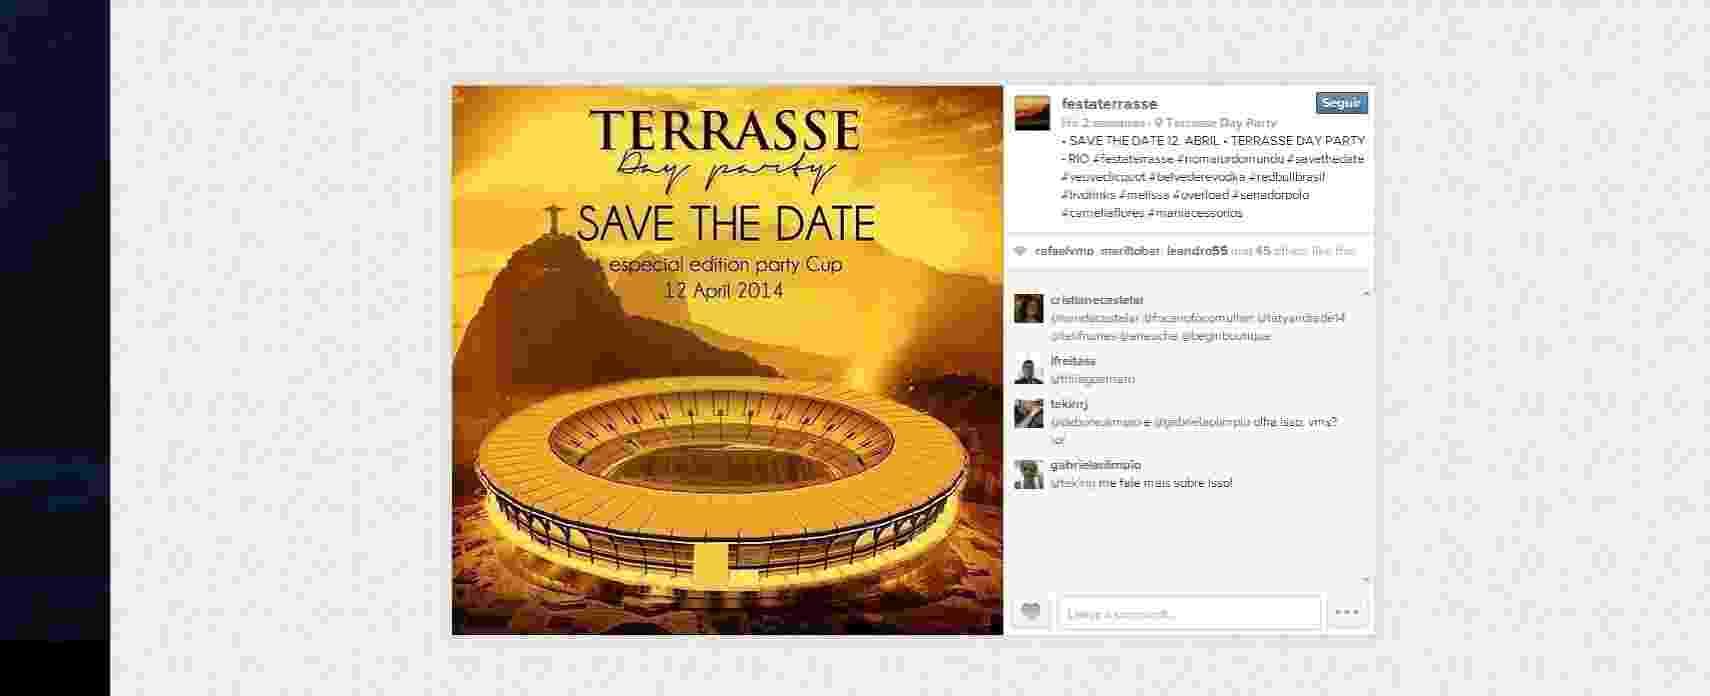 Curiosamente, divulgação de festa no Maracanã lembra de Copa do Mundo, mas usa imagem do estádio antes de reforma - Reprodução/Instagram